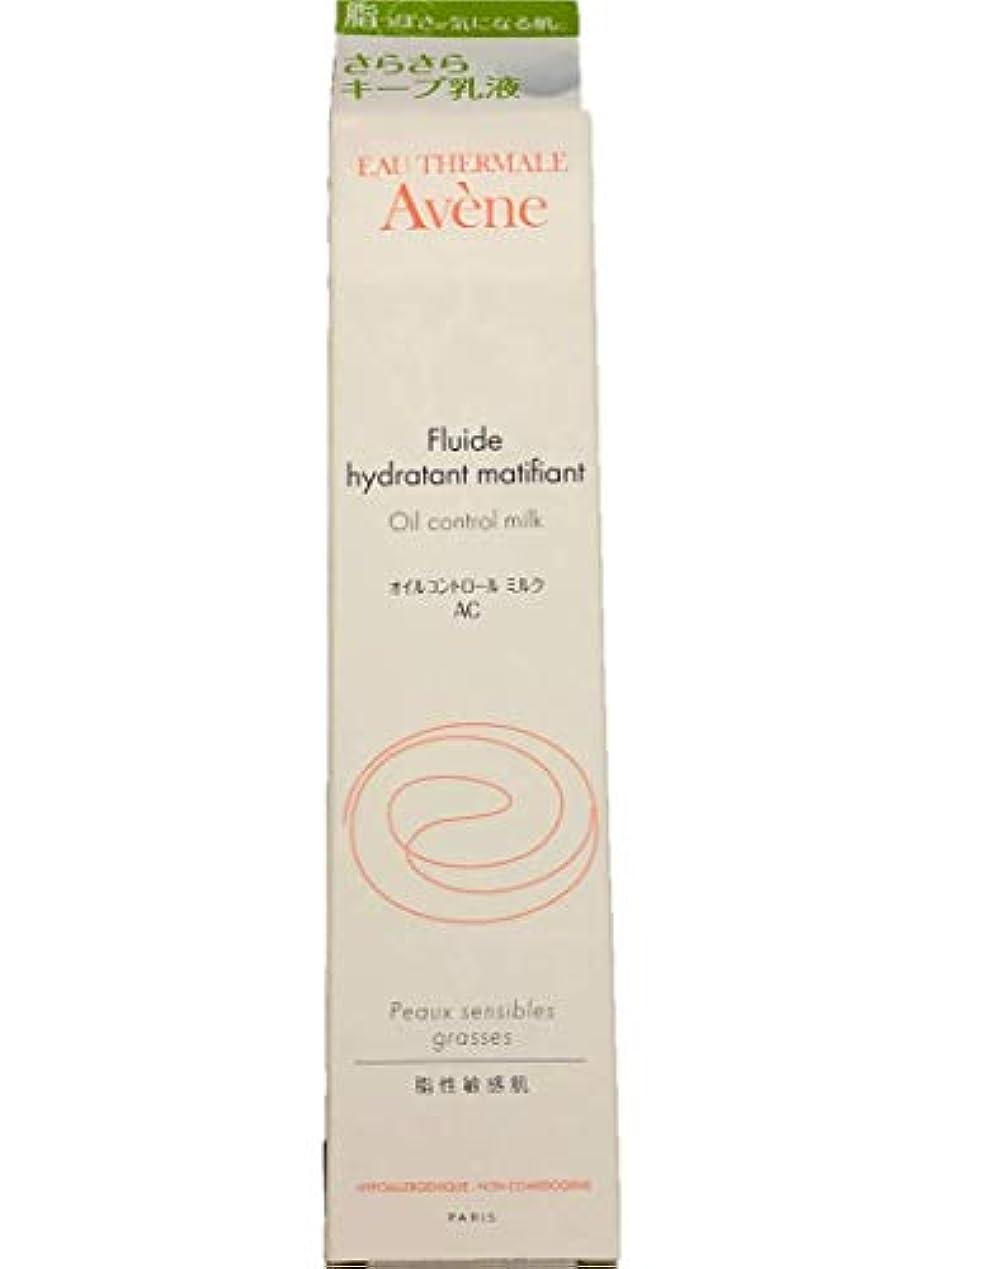 瞑想する乙女ようこそアベンヌ Avene オイルコントロール ミルク AC 50mL (アヴェンヌ)【国内正規品】